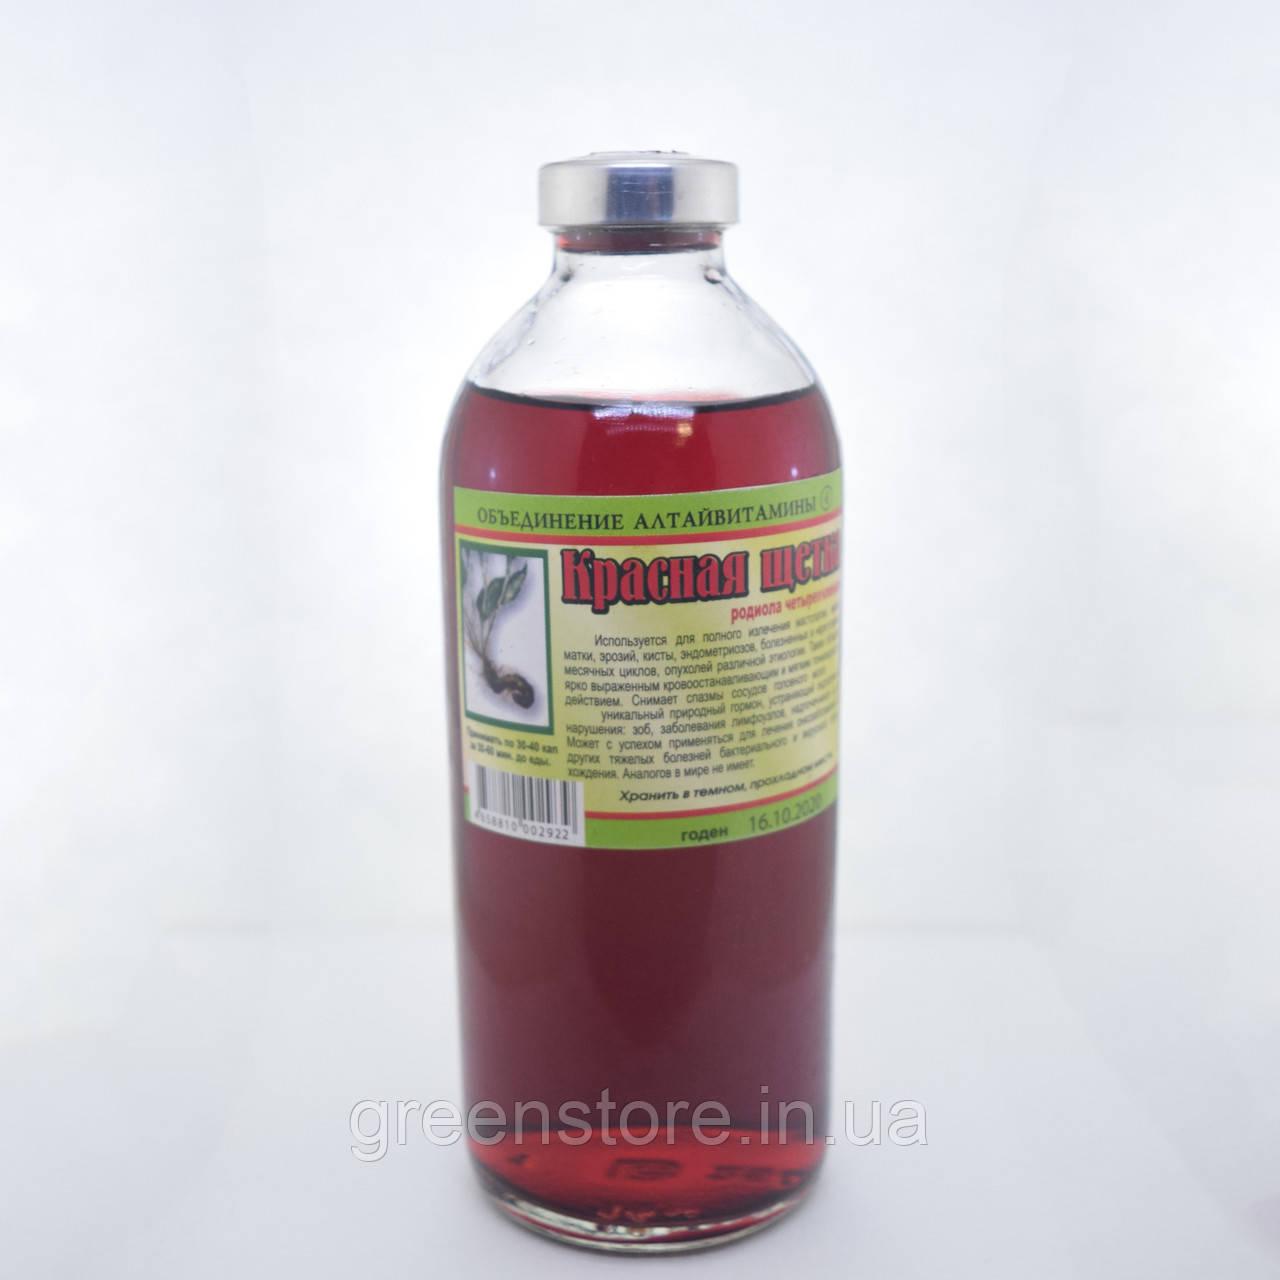 Настойка Красная щетка 250 мл